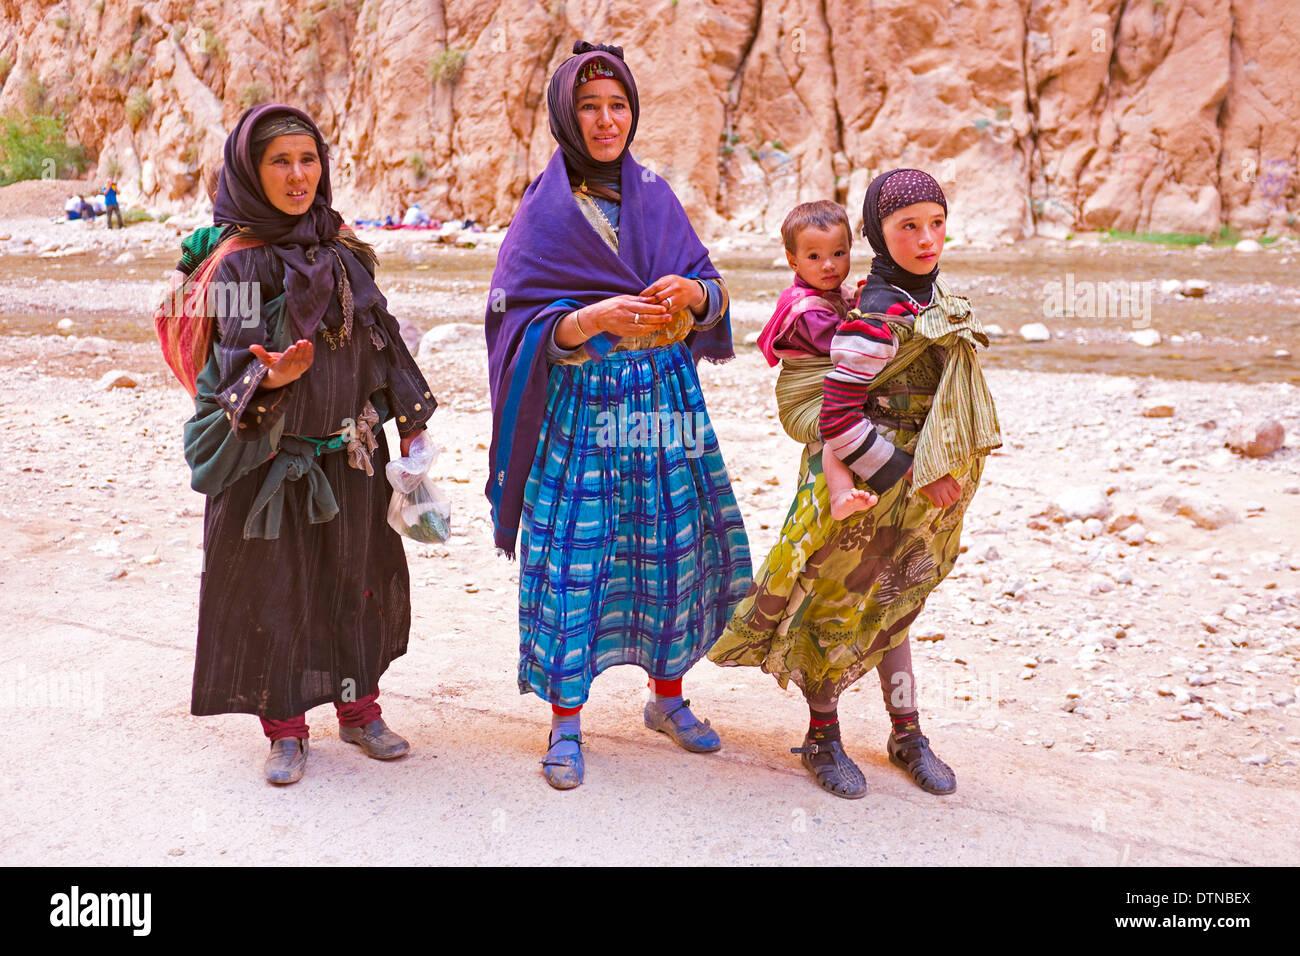 Tribu Nomade (des Femmes) Payer Avec Paypal Grosses Soldes Bon Marché Boutique Vente En Ligne d2WXVy